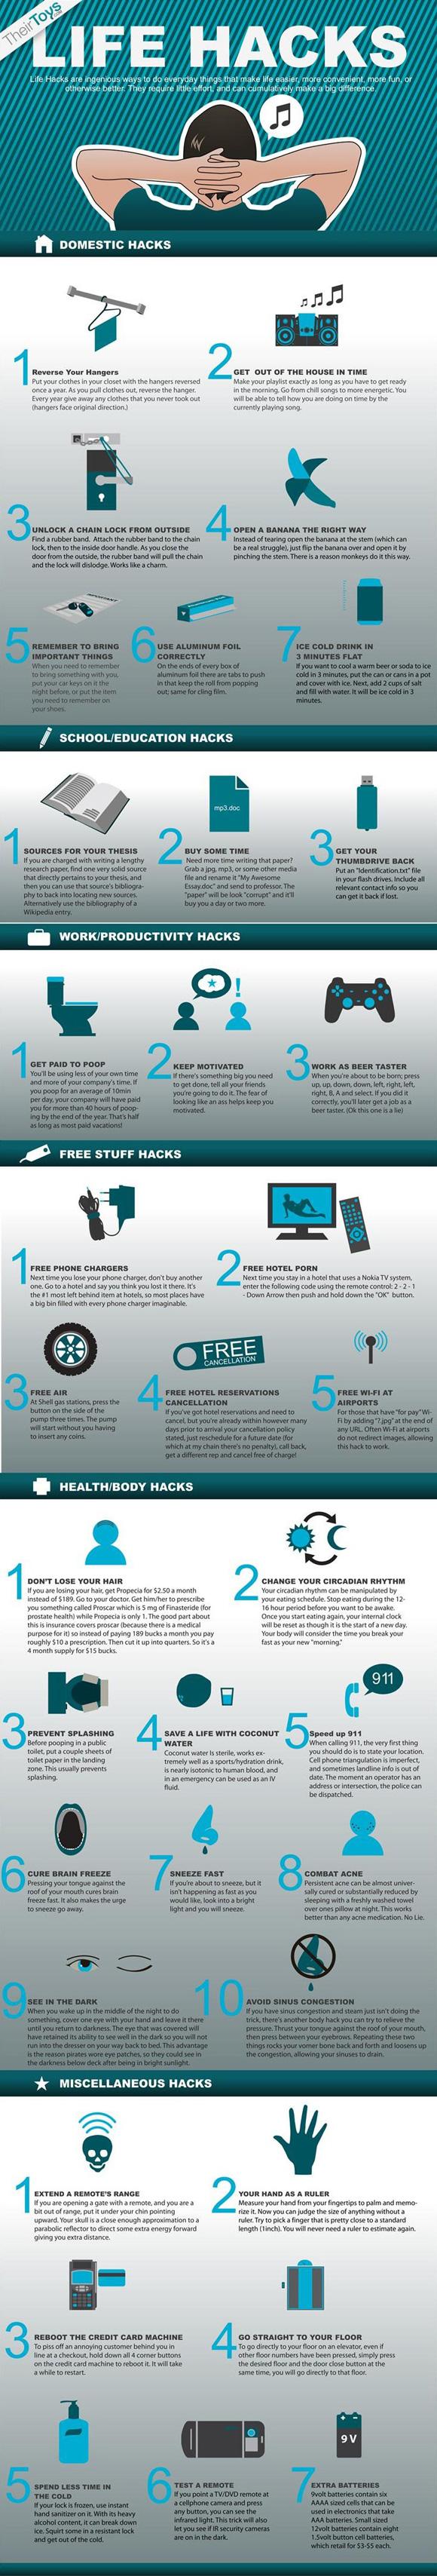 Amazing life hacks!